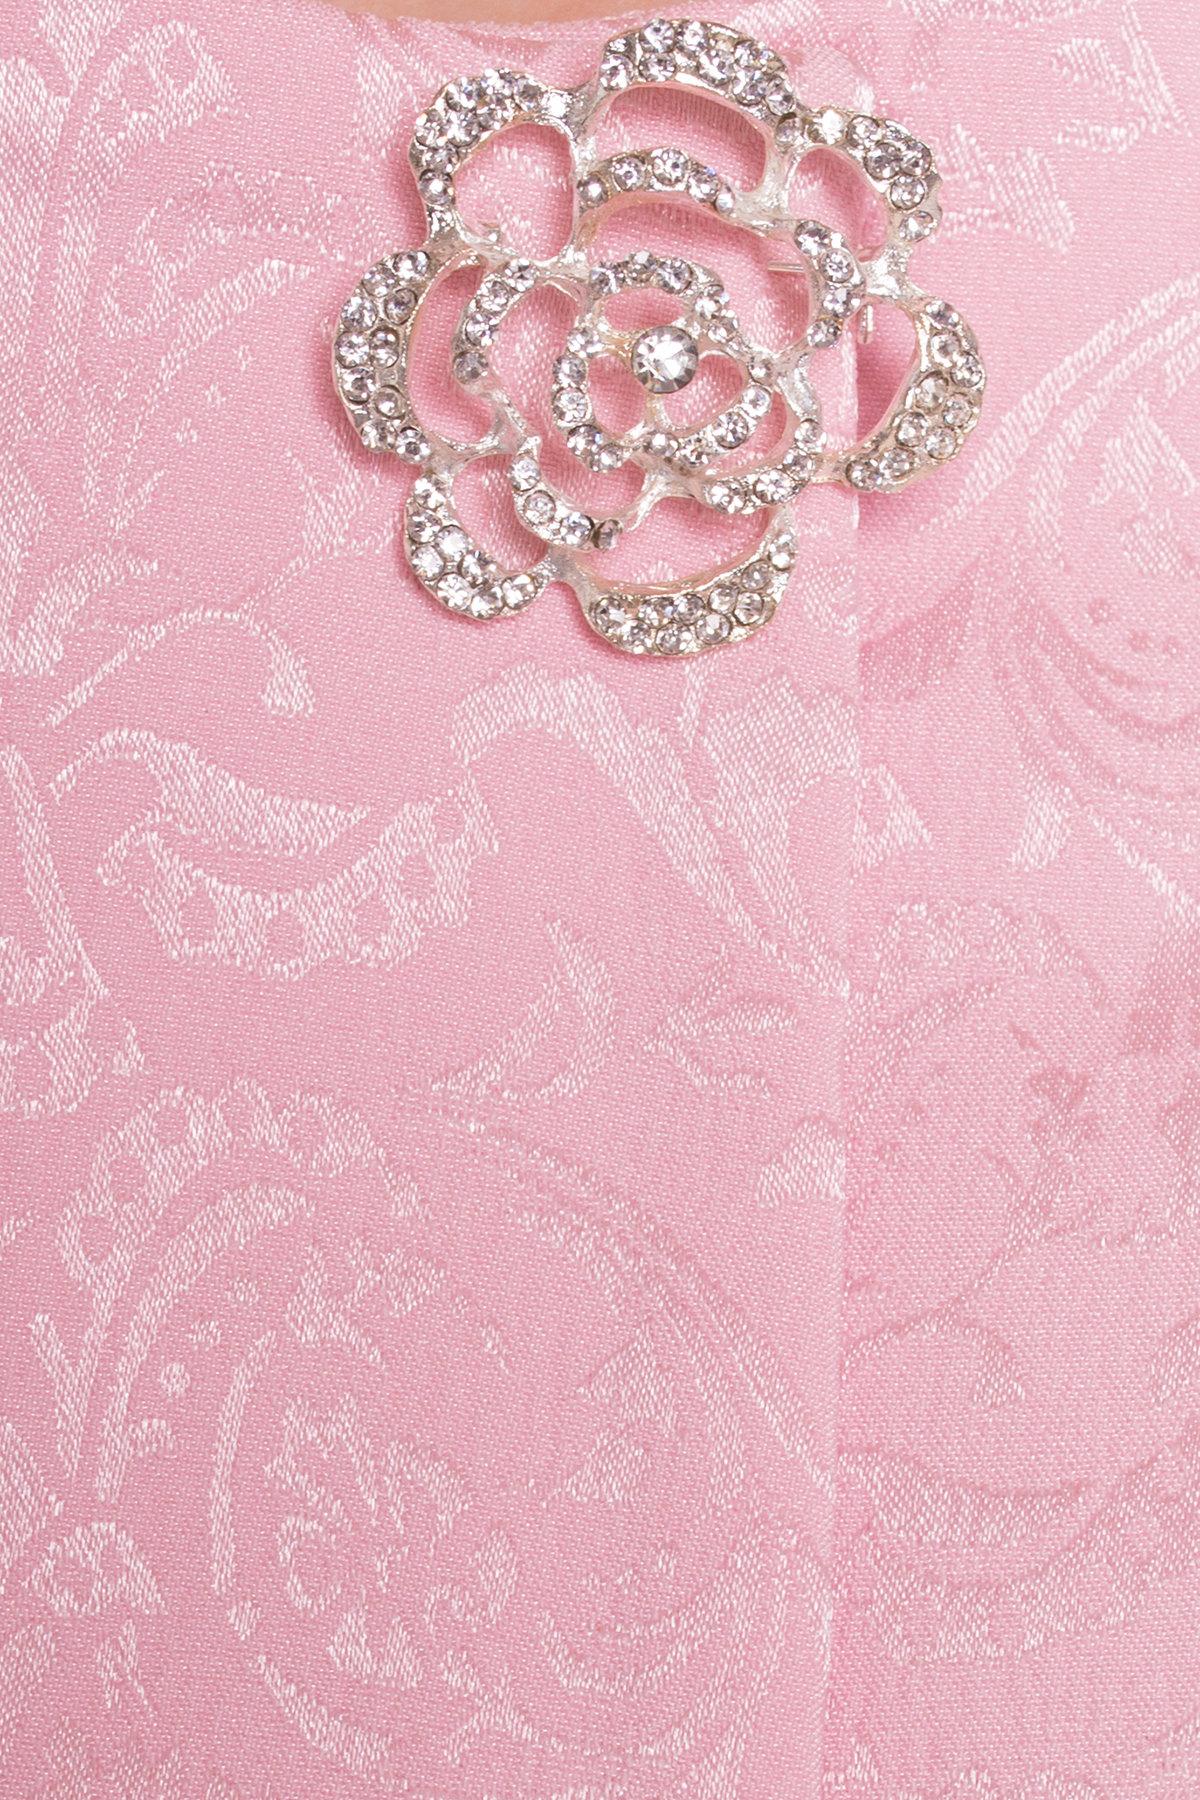 Свободный плащ со скрытой застежкой Фабио 4700 АРТ. 33838 Цвет: Розовый - фото 4, интернет магазин tm-modus.ru